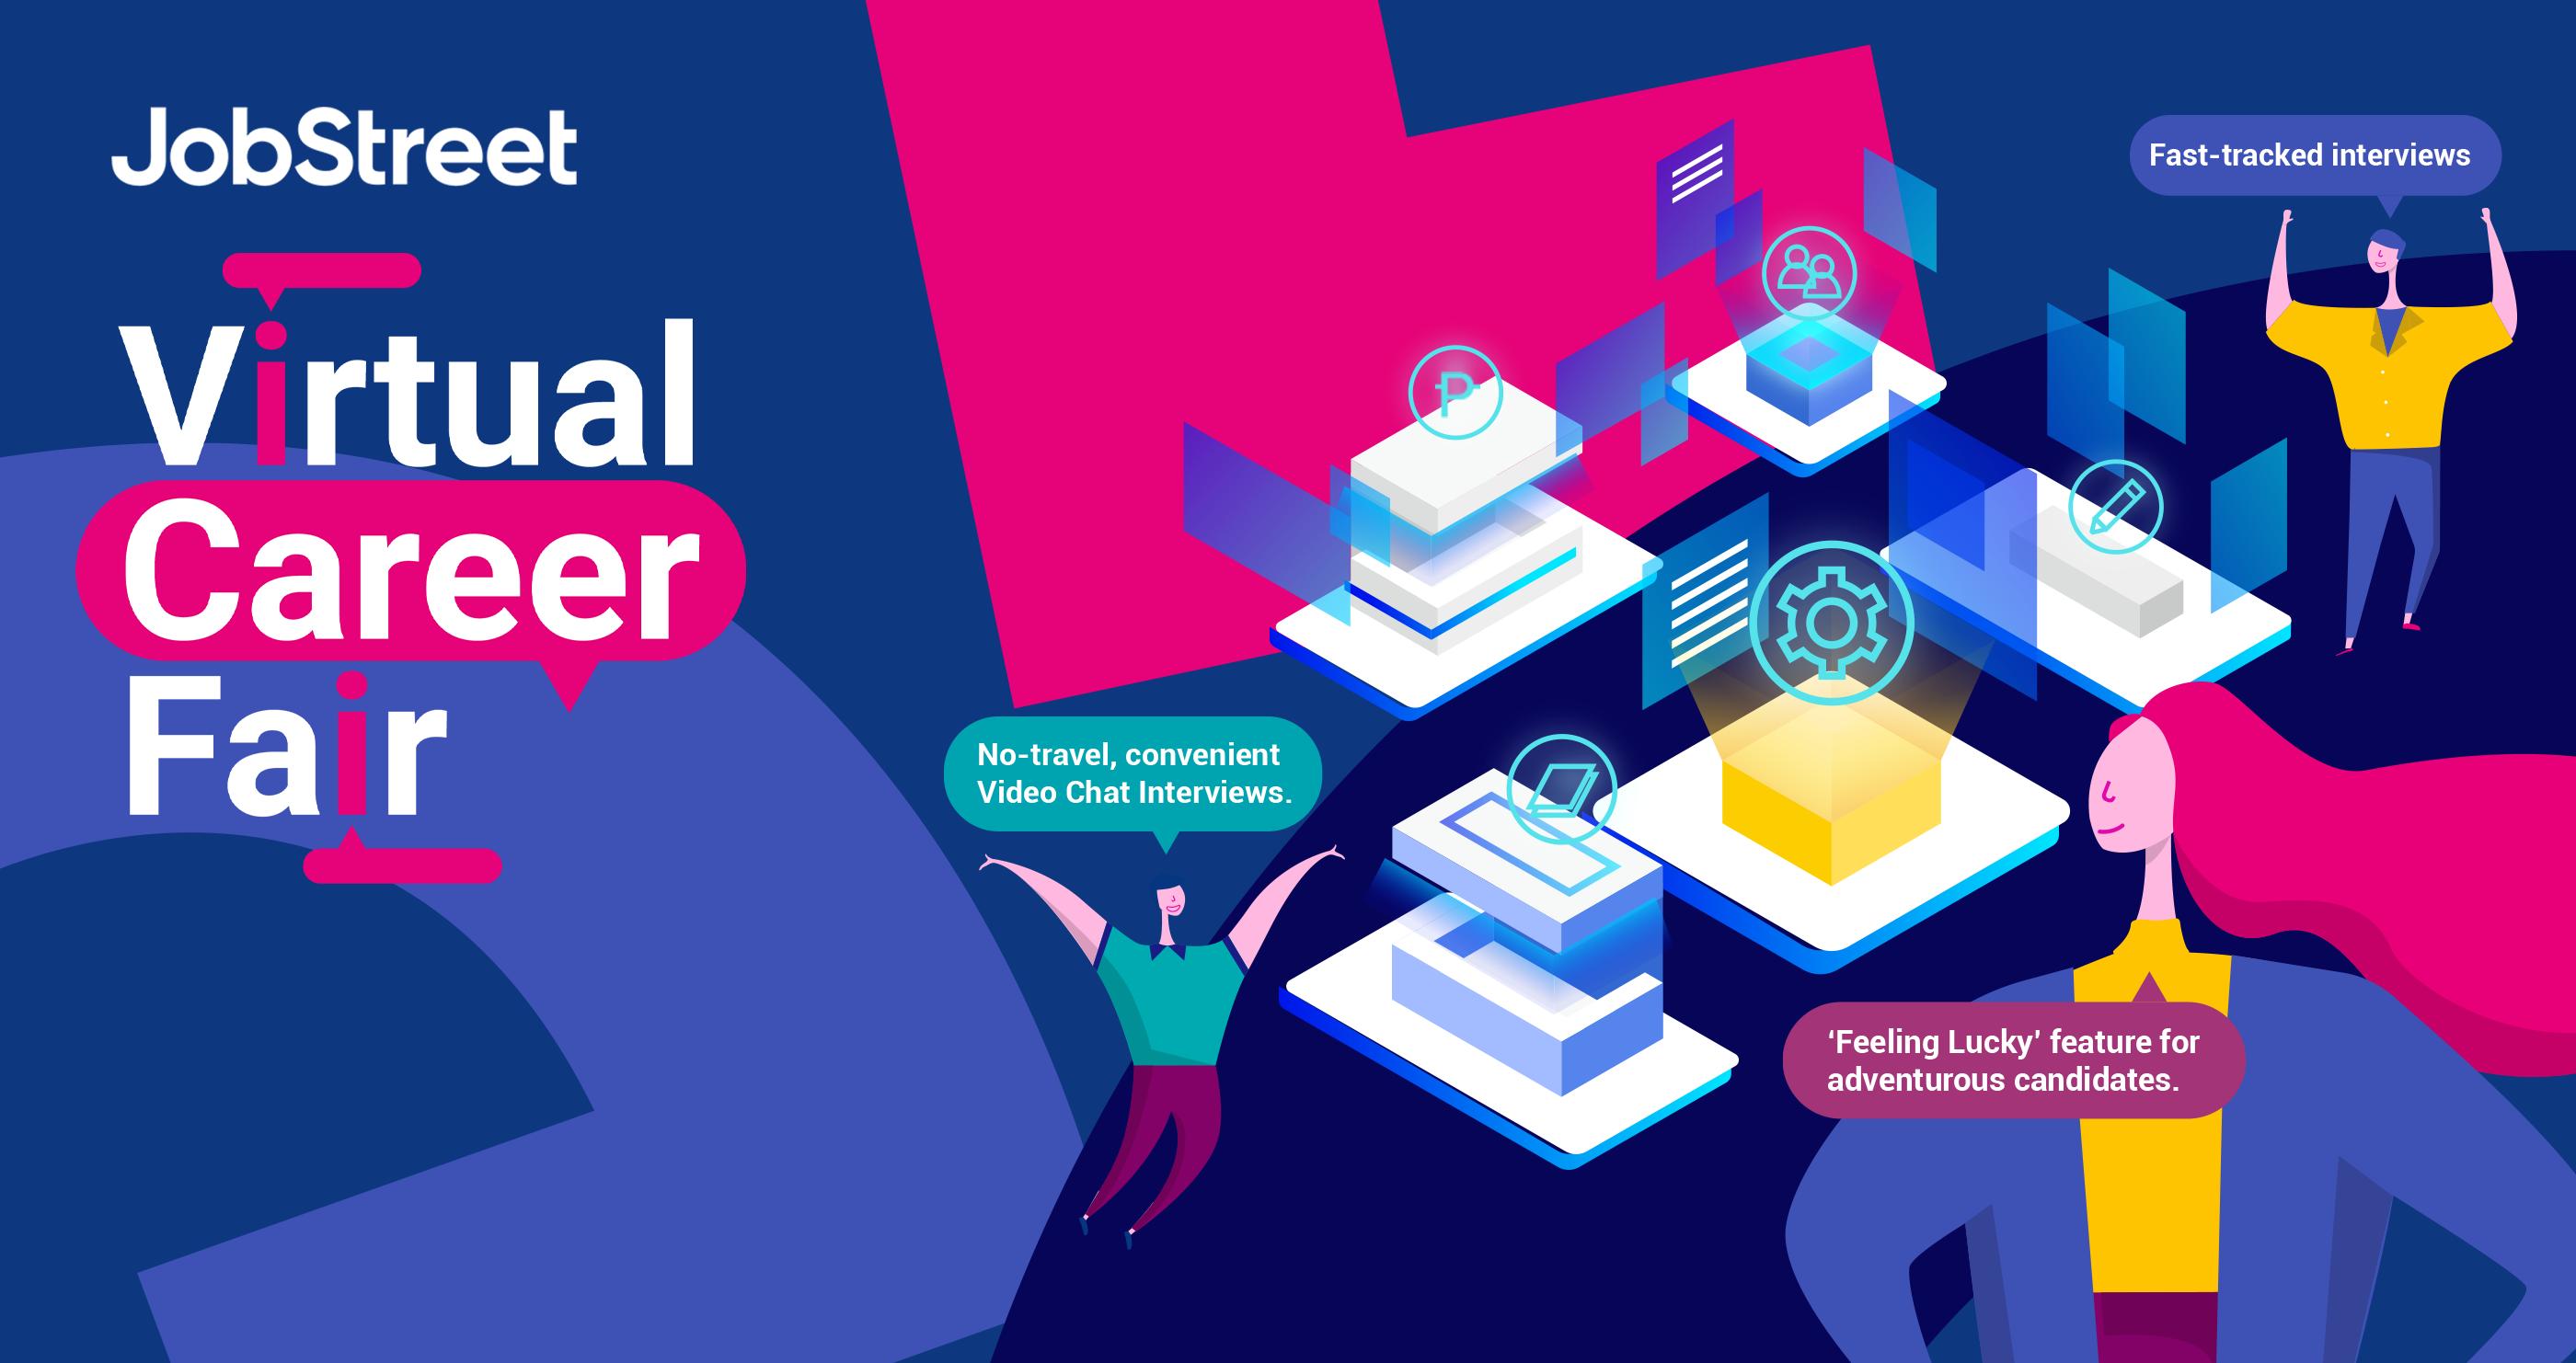 JobStreet's Virtual Career Fair 2021